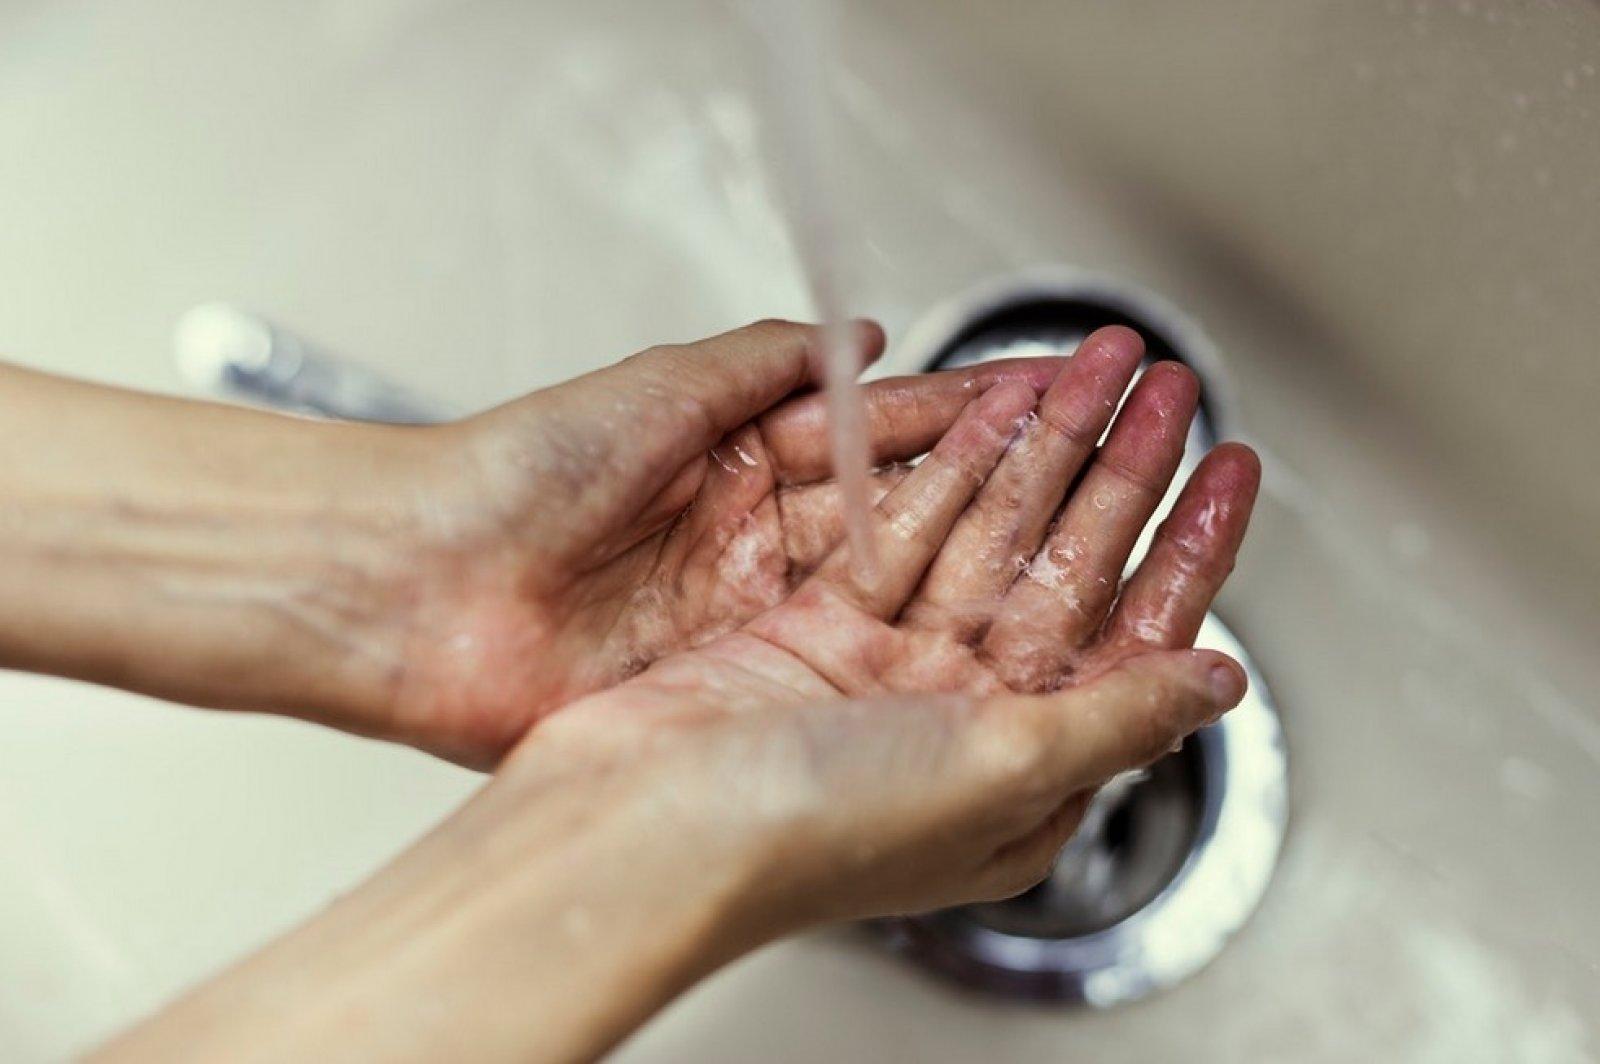 És important rentar-se bé les mans